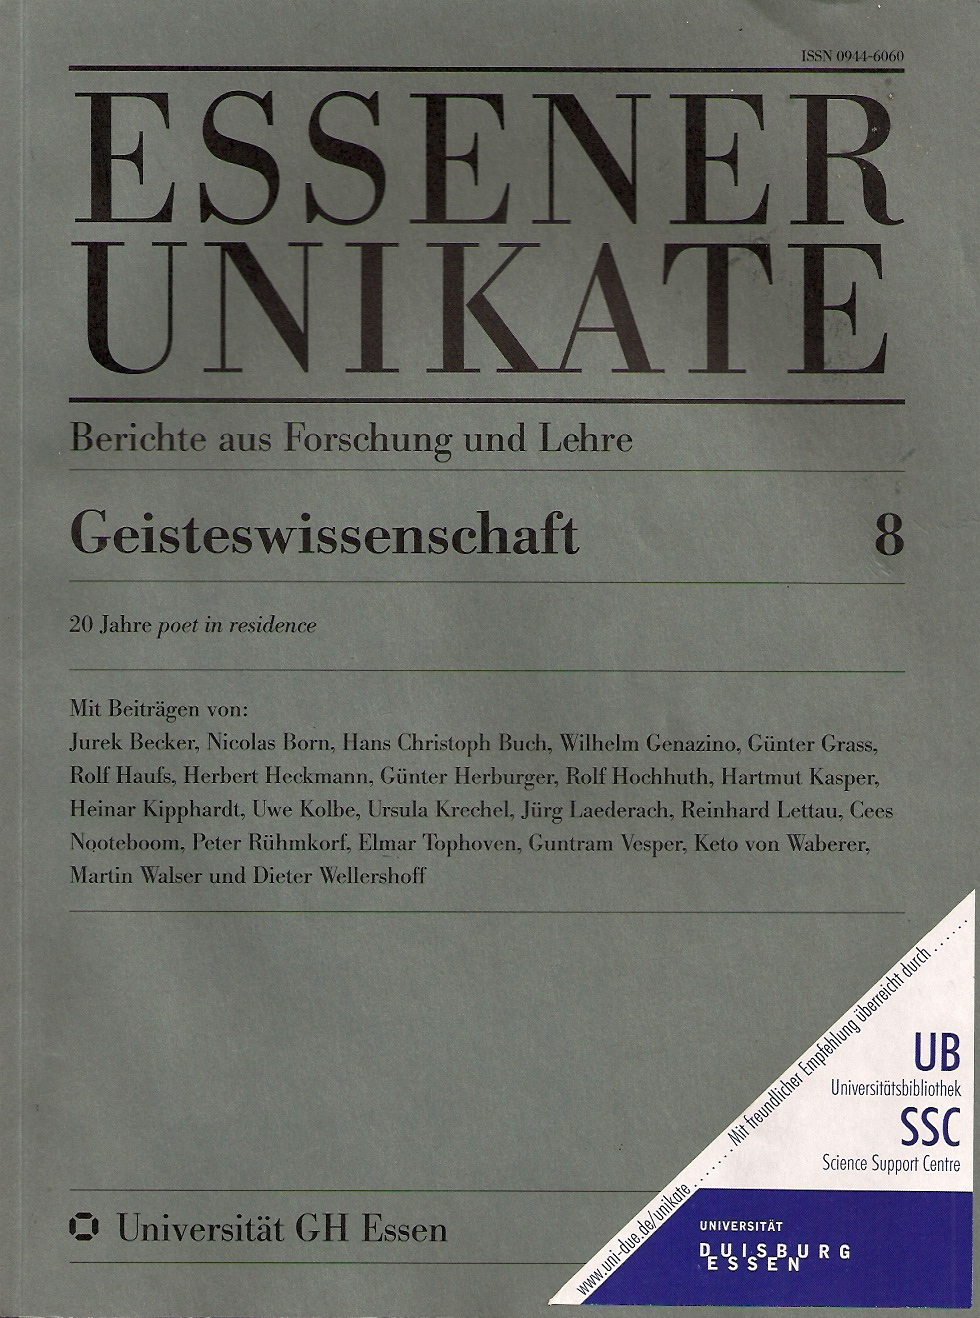 Essener Unikate 8 1996